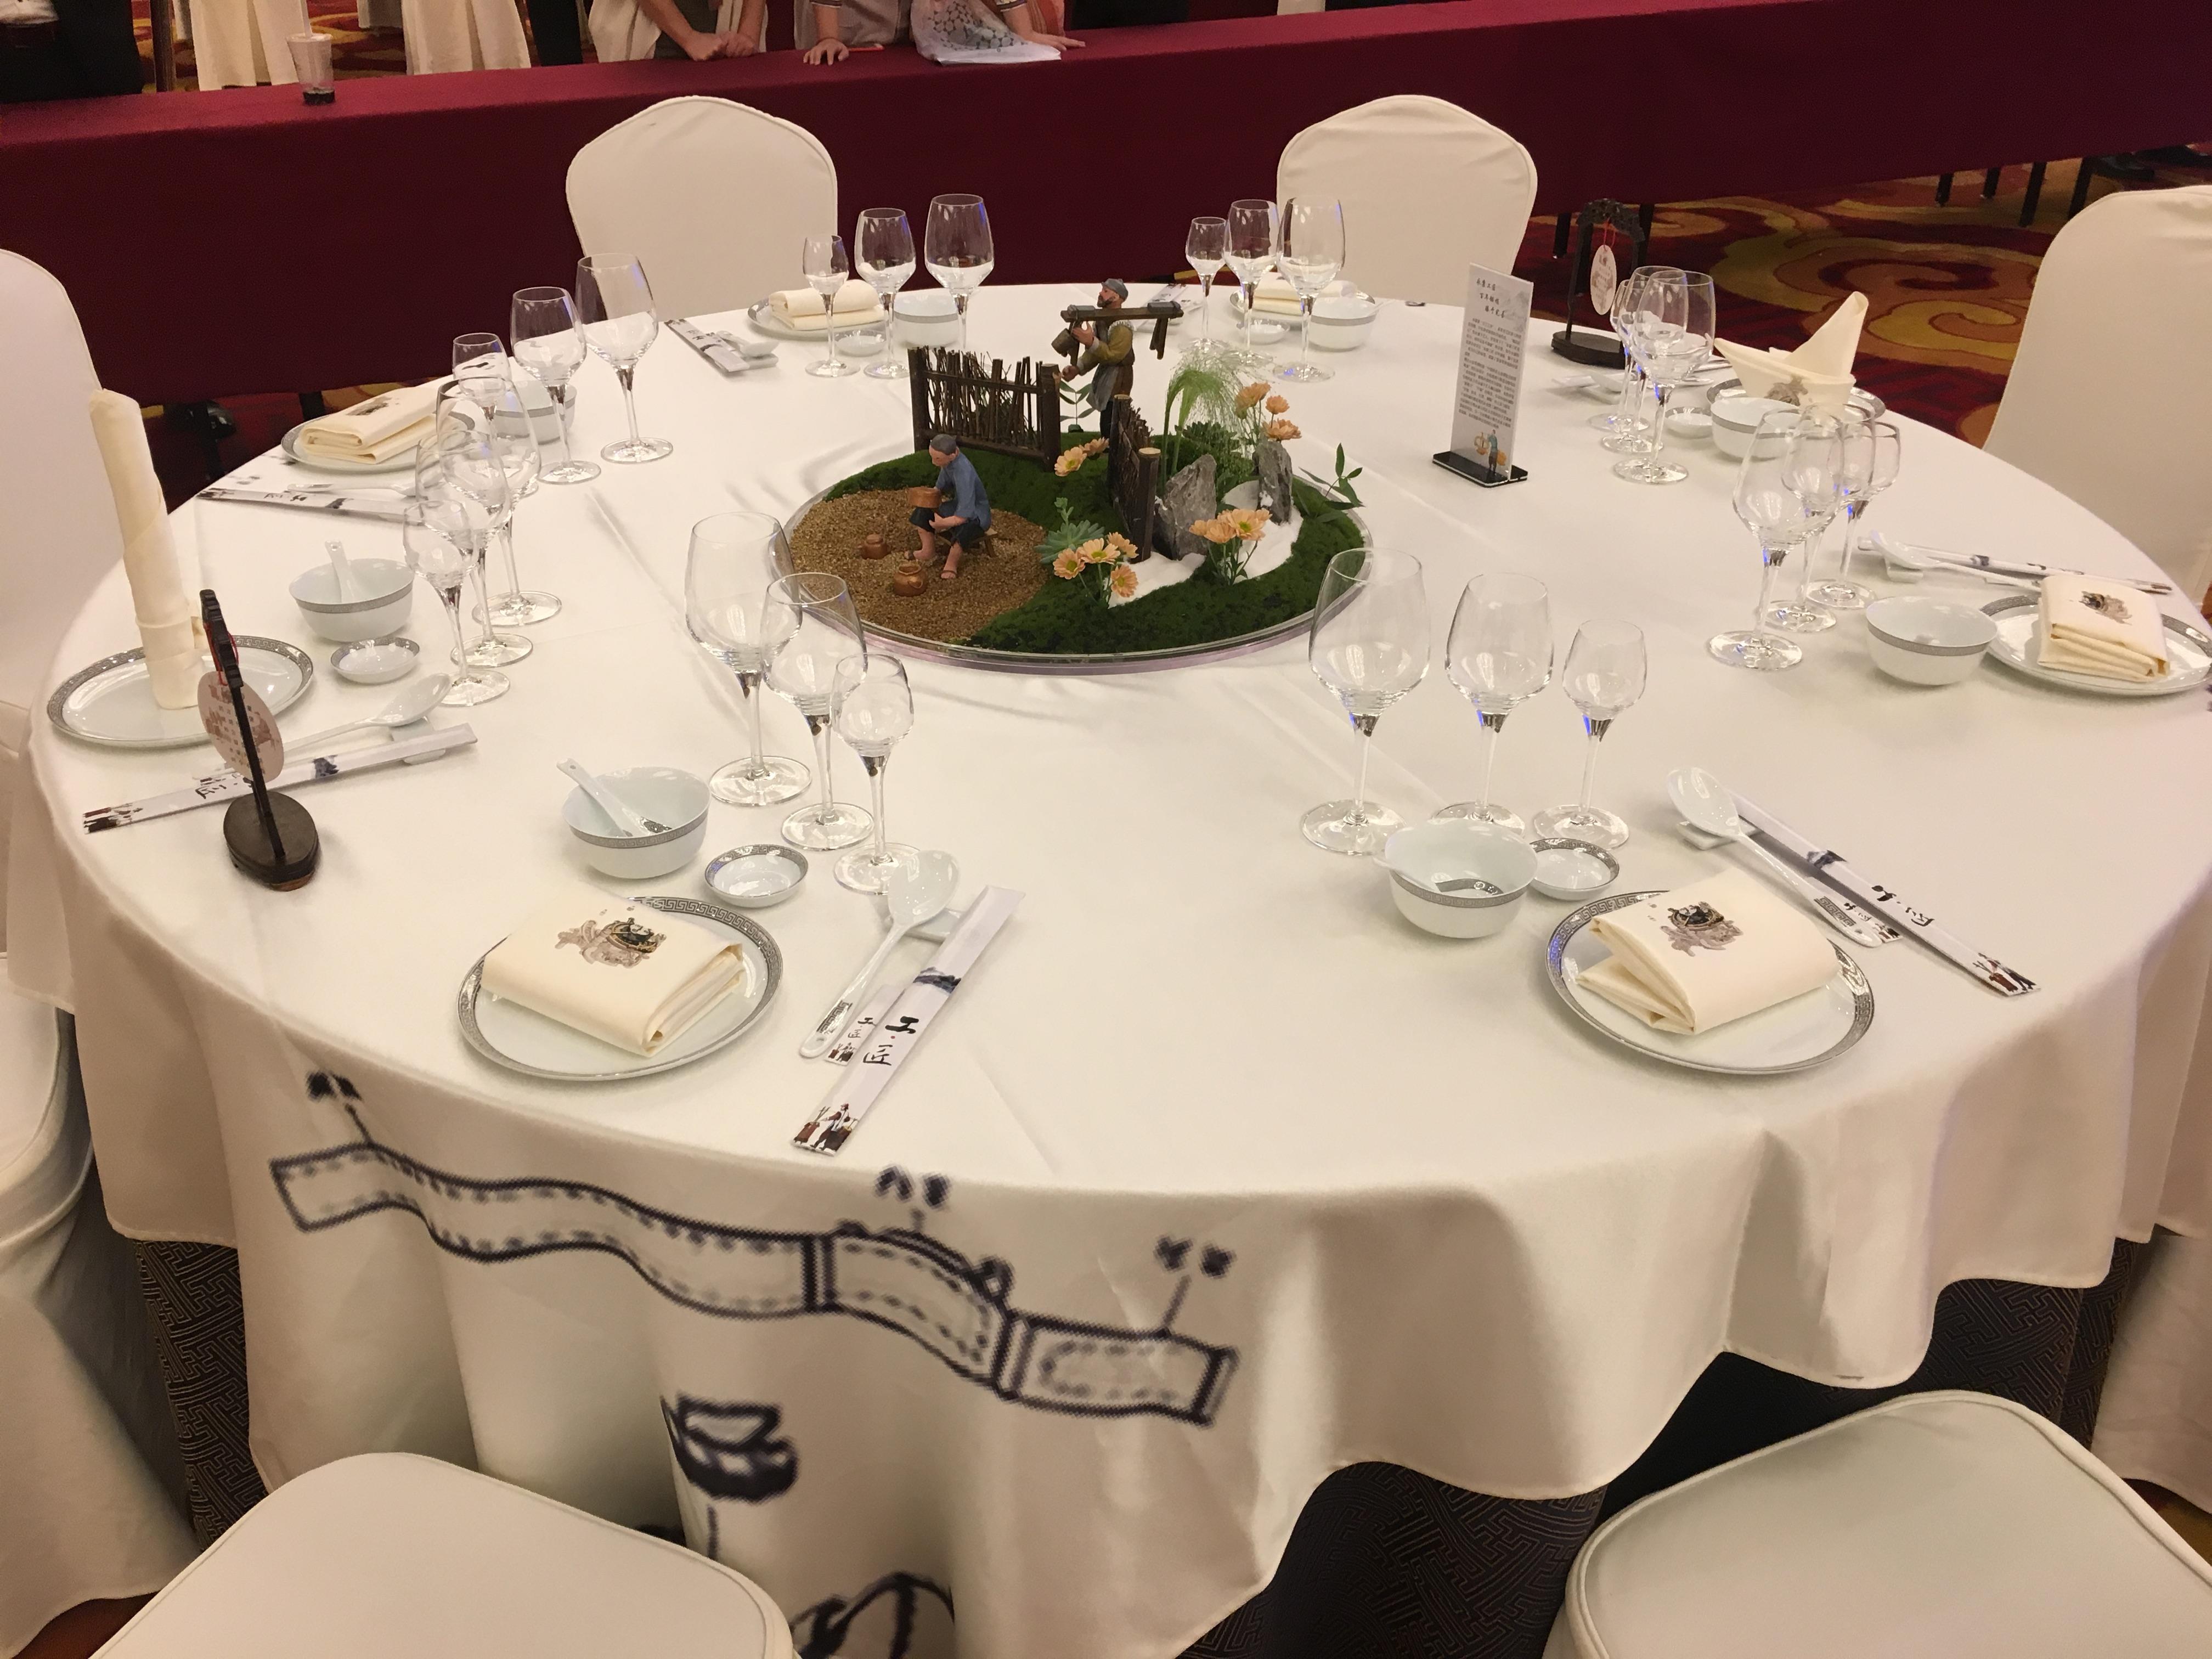 金华饭店服务技能大赛中餐宴会摆台冠军—永康宾馆图片